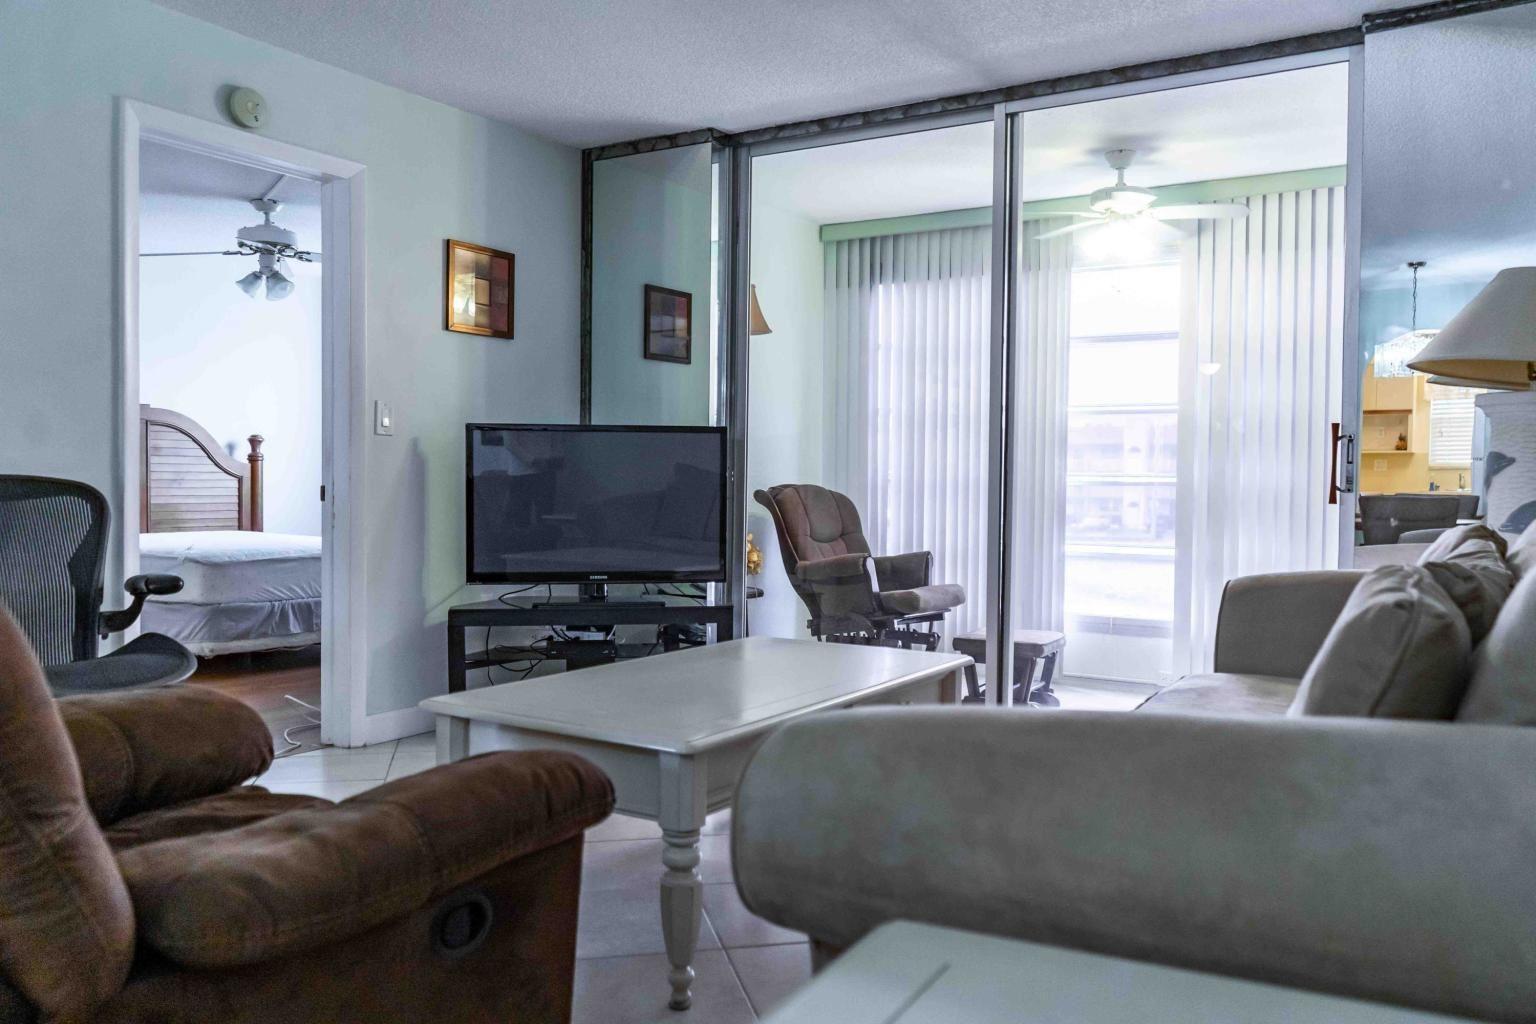 8100 Sunrise Lakes Boulevard #211, Sunrise, FL 33322 - #: RX-10605408